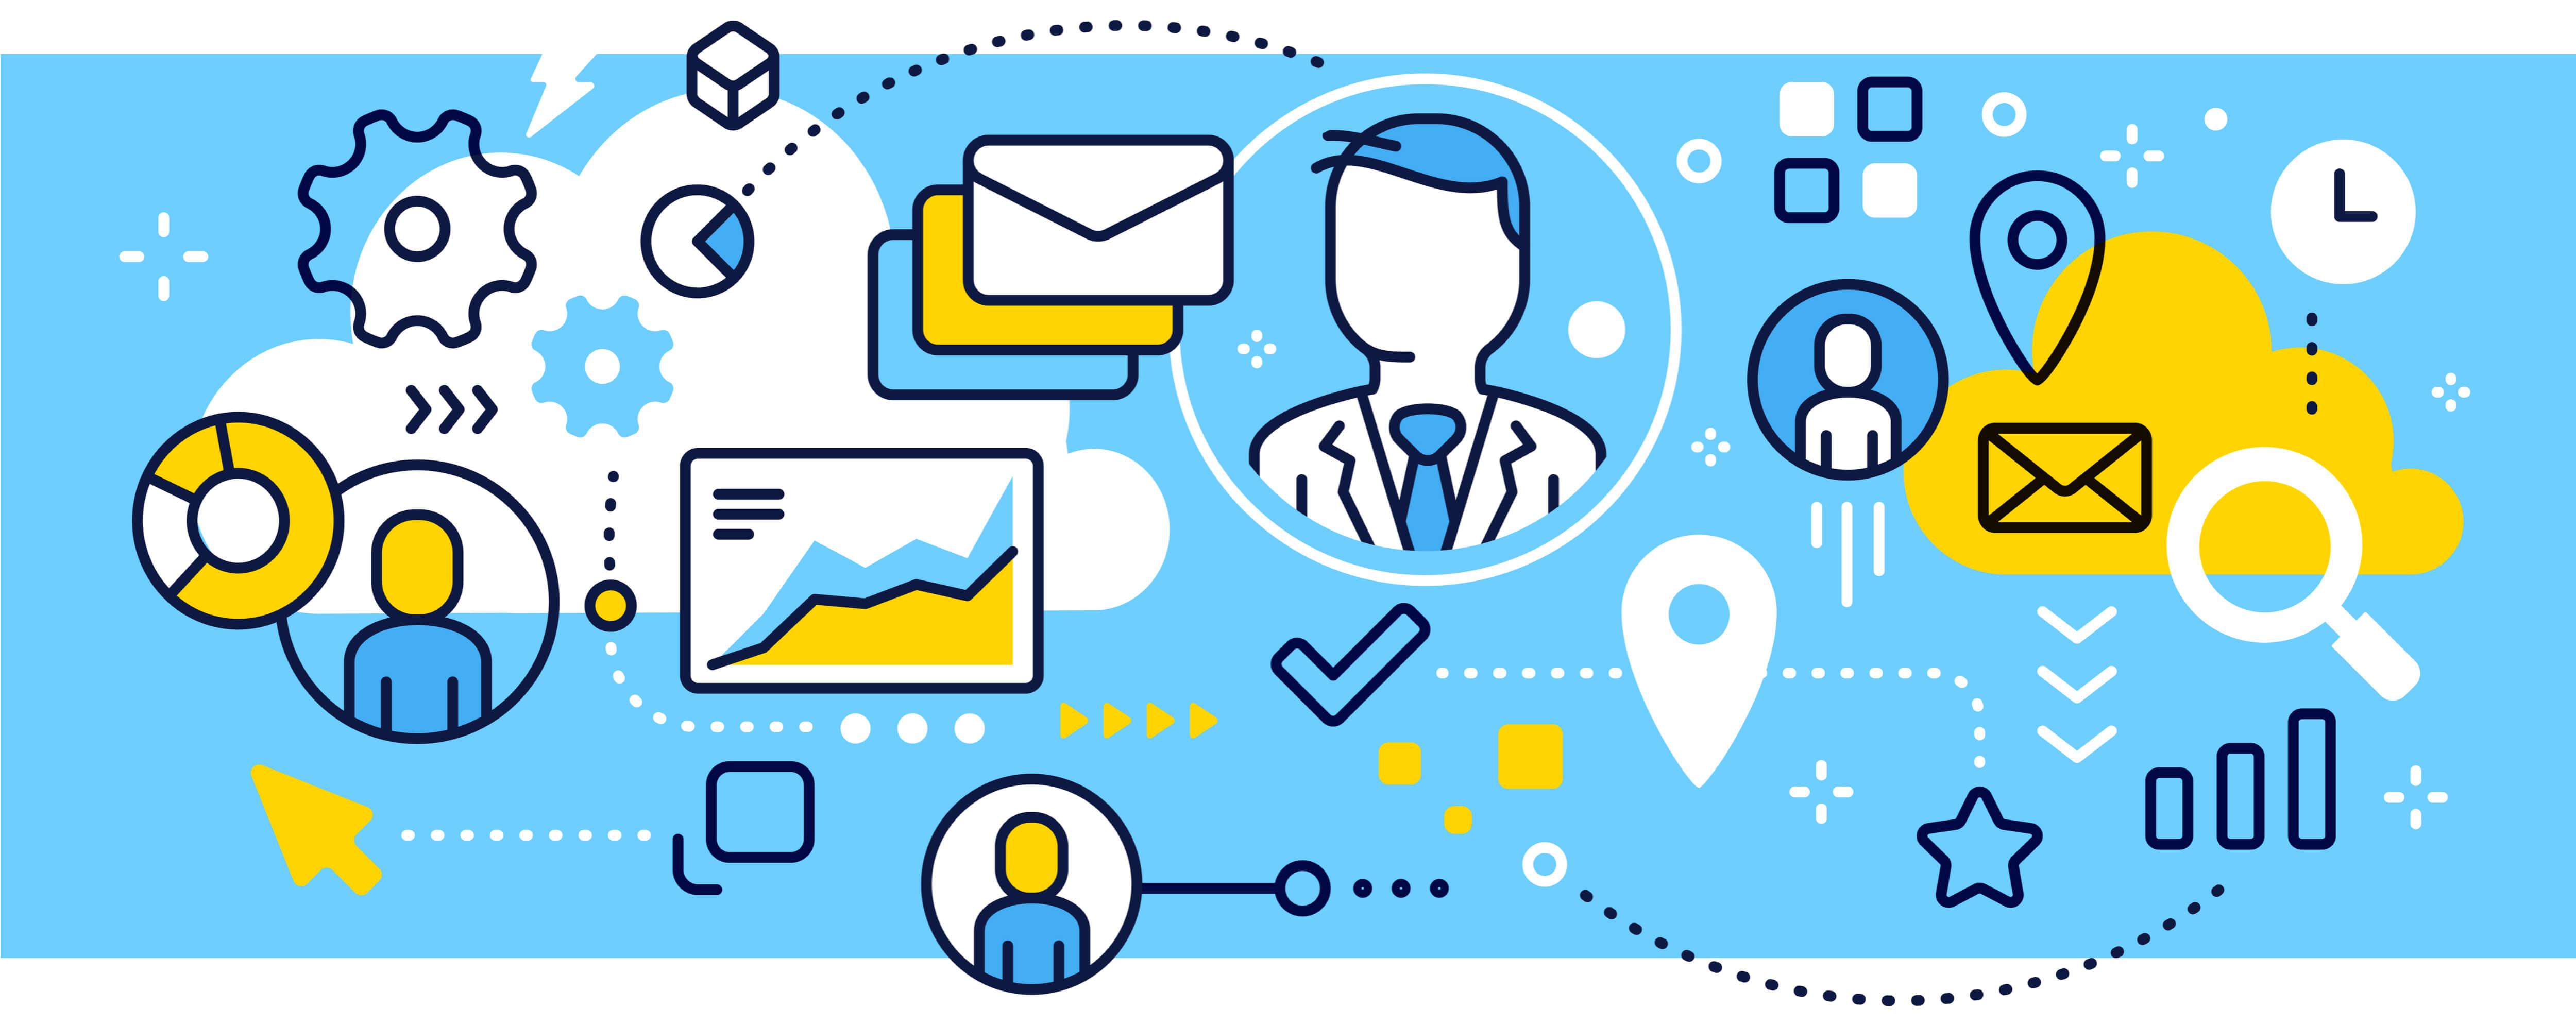 تفاوت مدیر محصول و مدیر پروژه در چیست؟